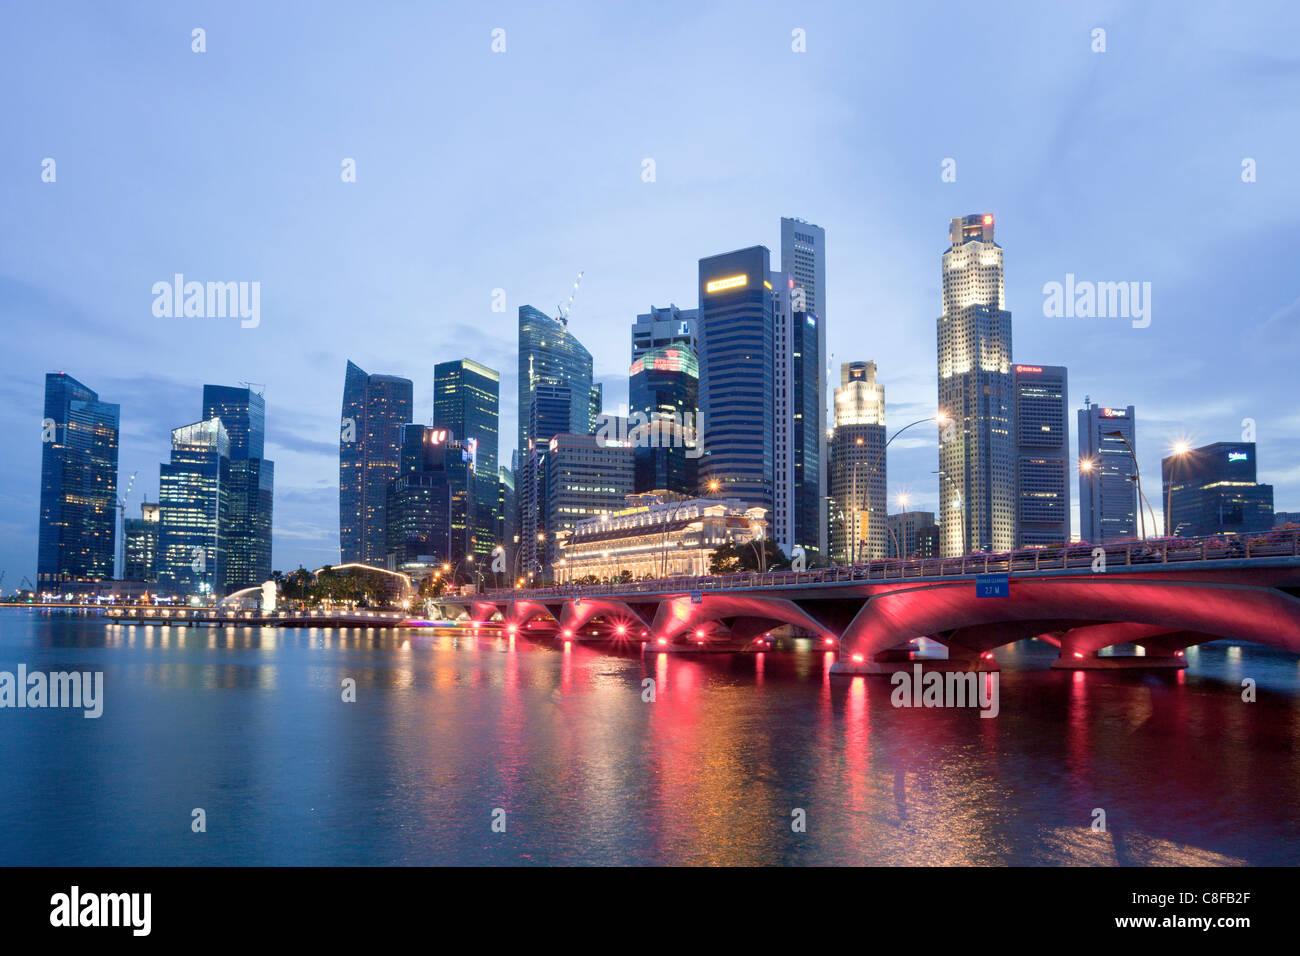 Singapour, en Asie, le centre-ville, pont, éclairage, illumination, rouge, gratte-ciel, des immeubles, des Photo Stock